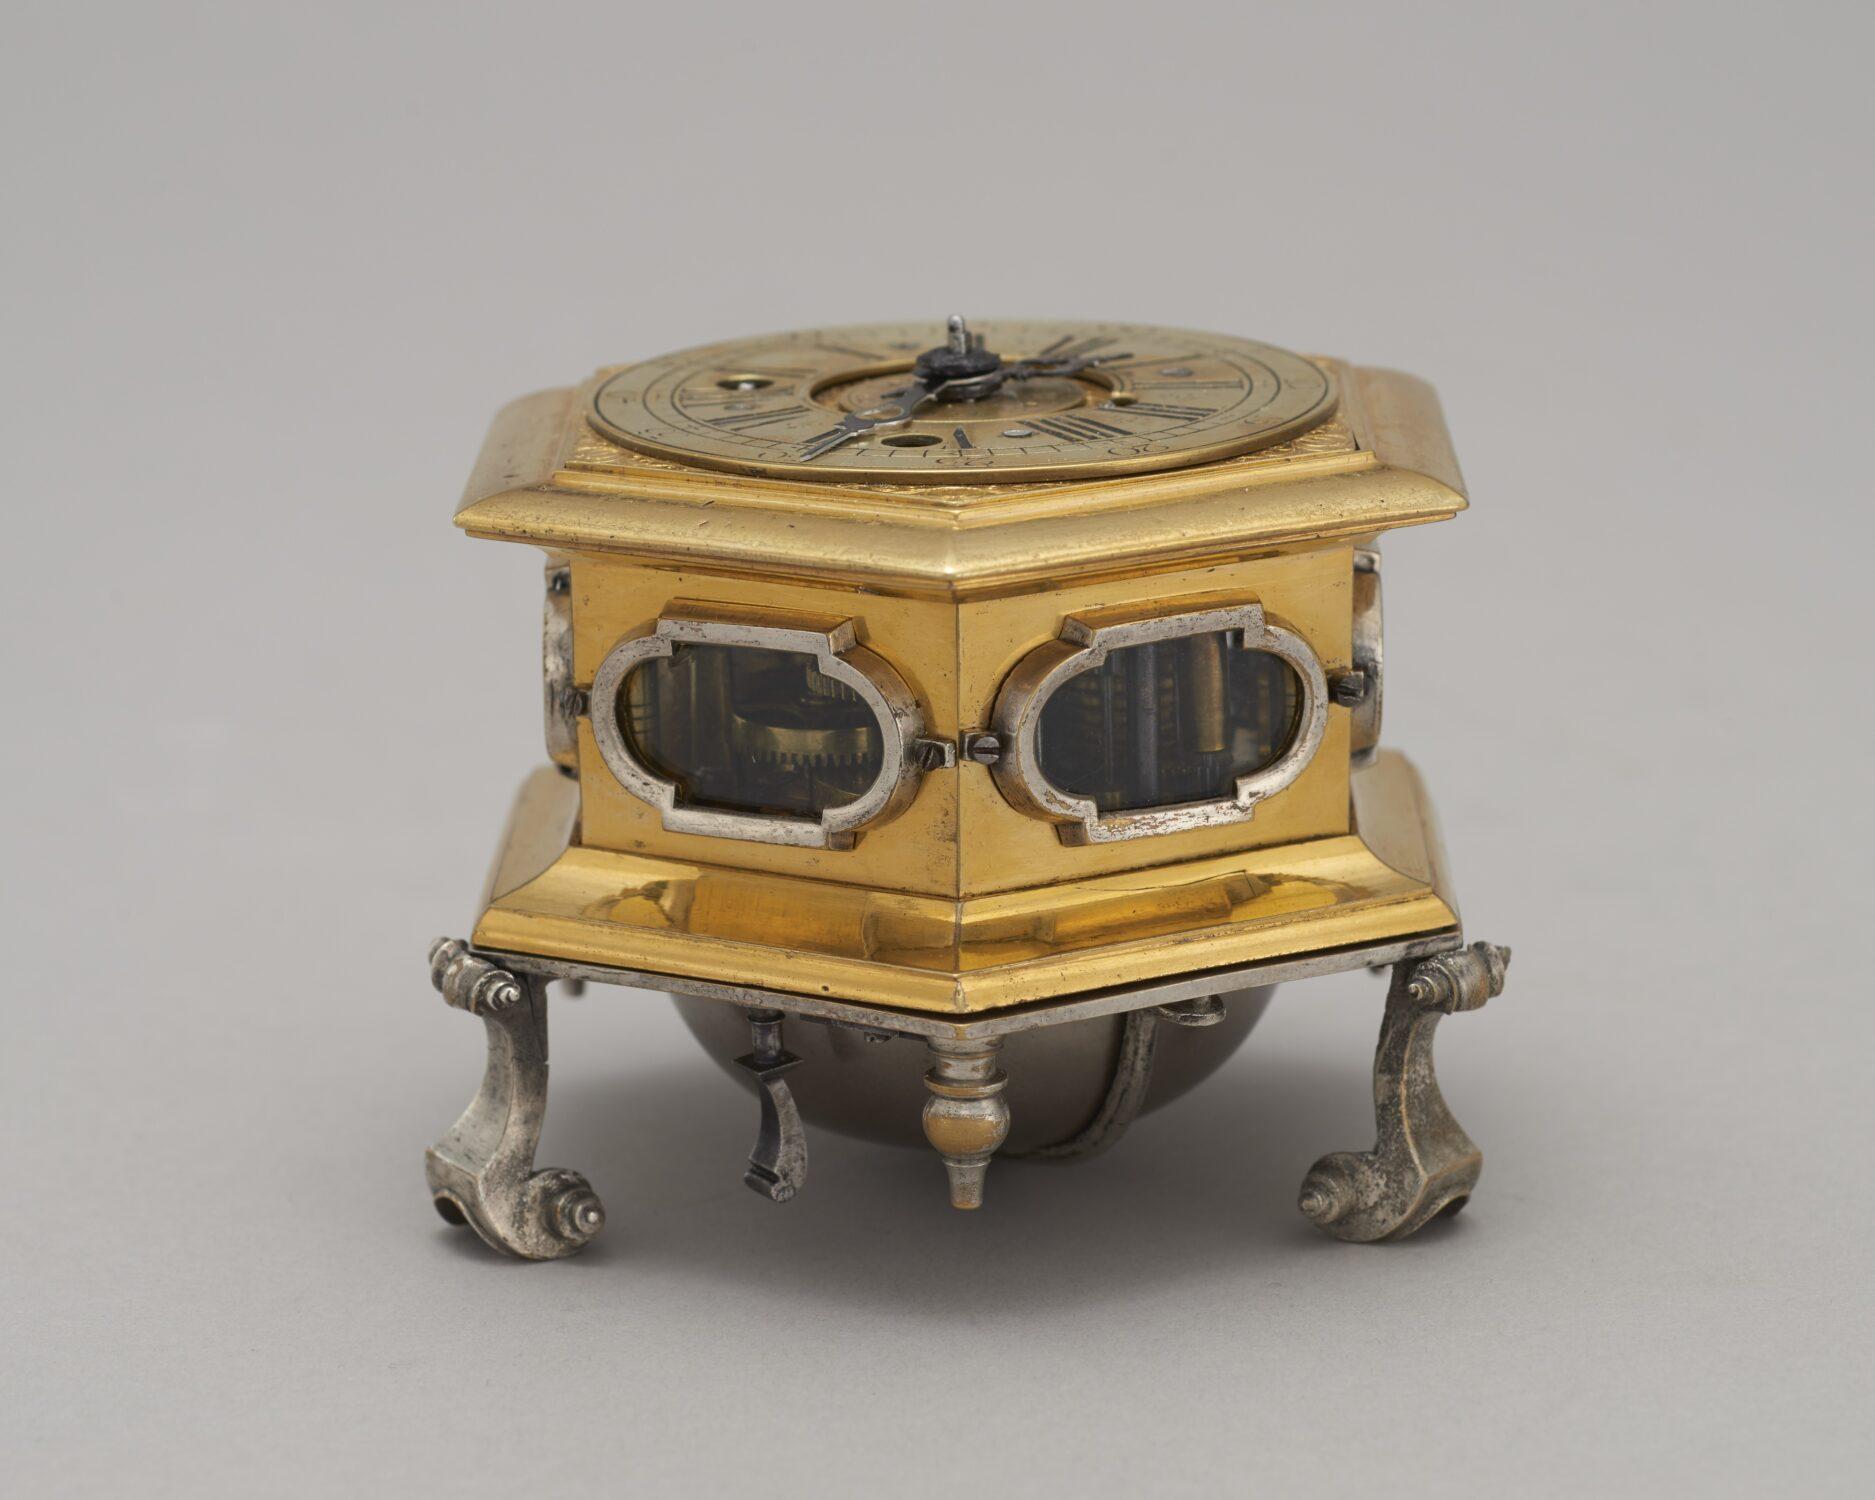 Zdjęcie zegara wformie szkatułki wkoloreze złota zlicznymi zdobieniami.